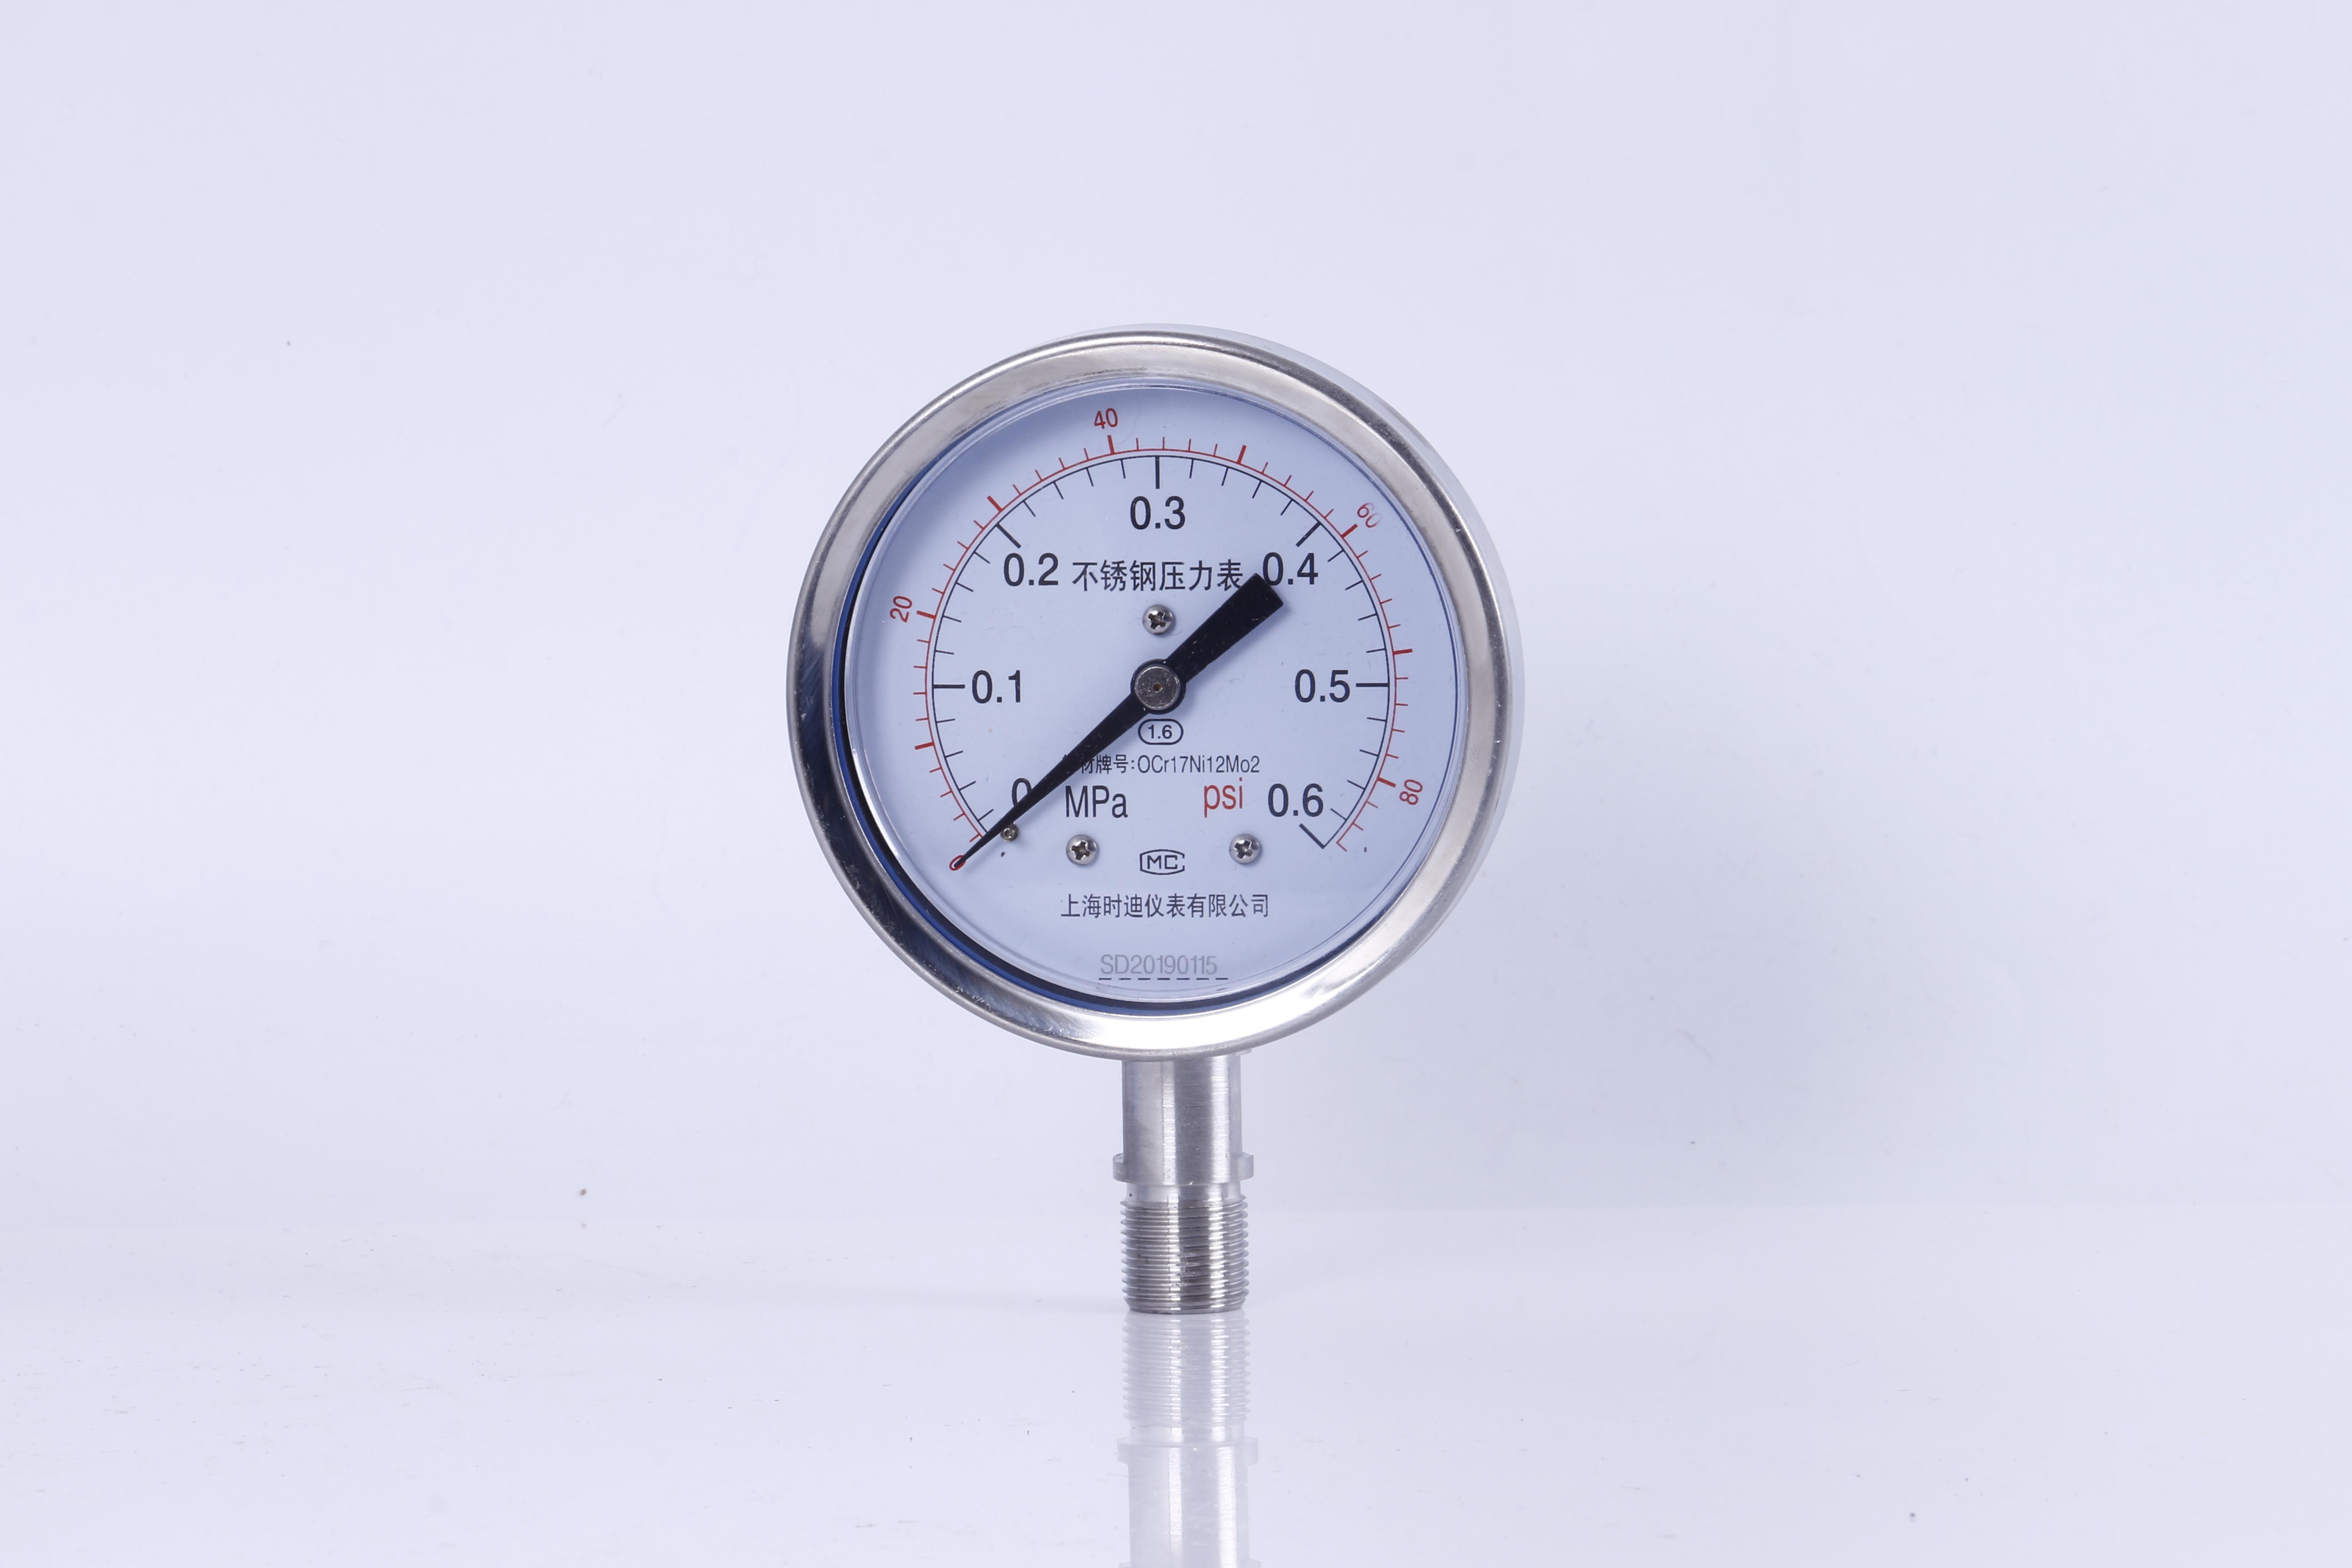 不锈钢压力表,耐震压力表,不锈钢真空压力表,油浸压力表,隔膜压力表,